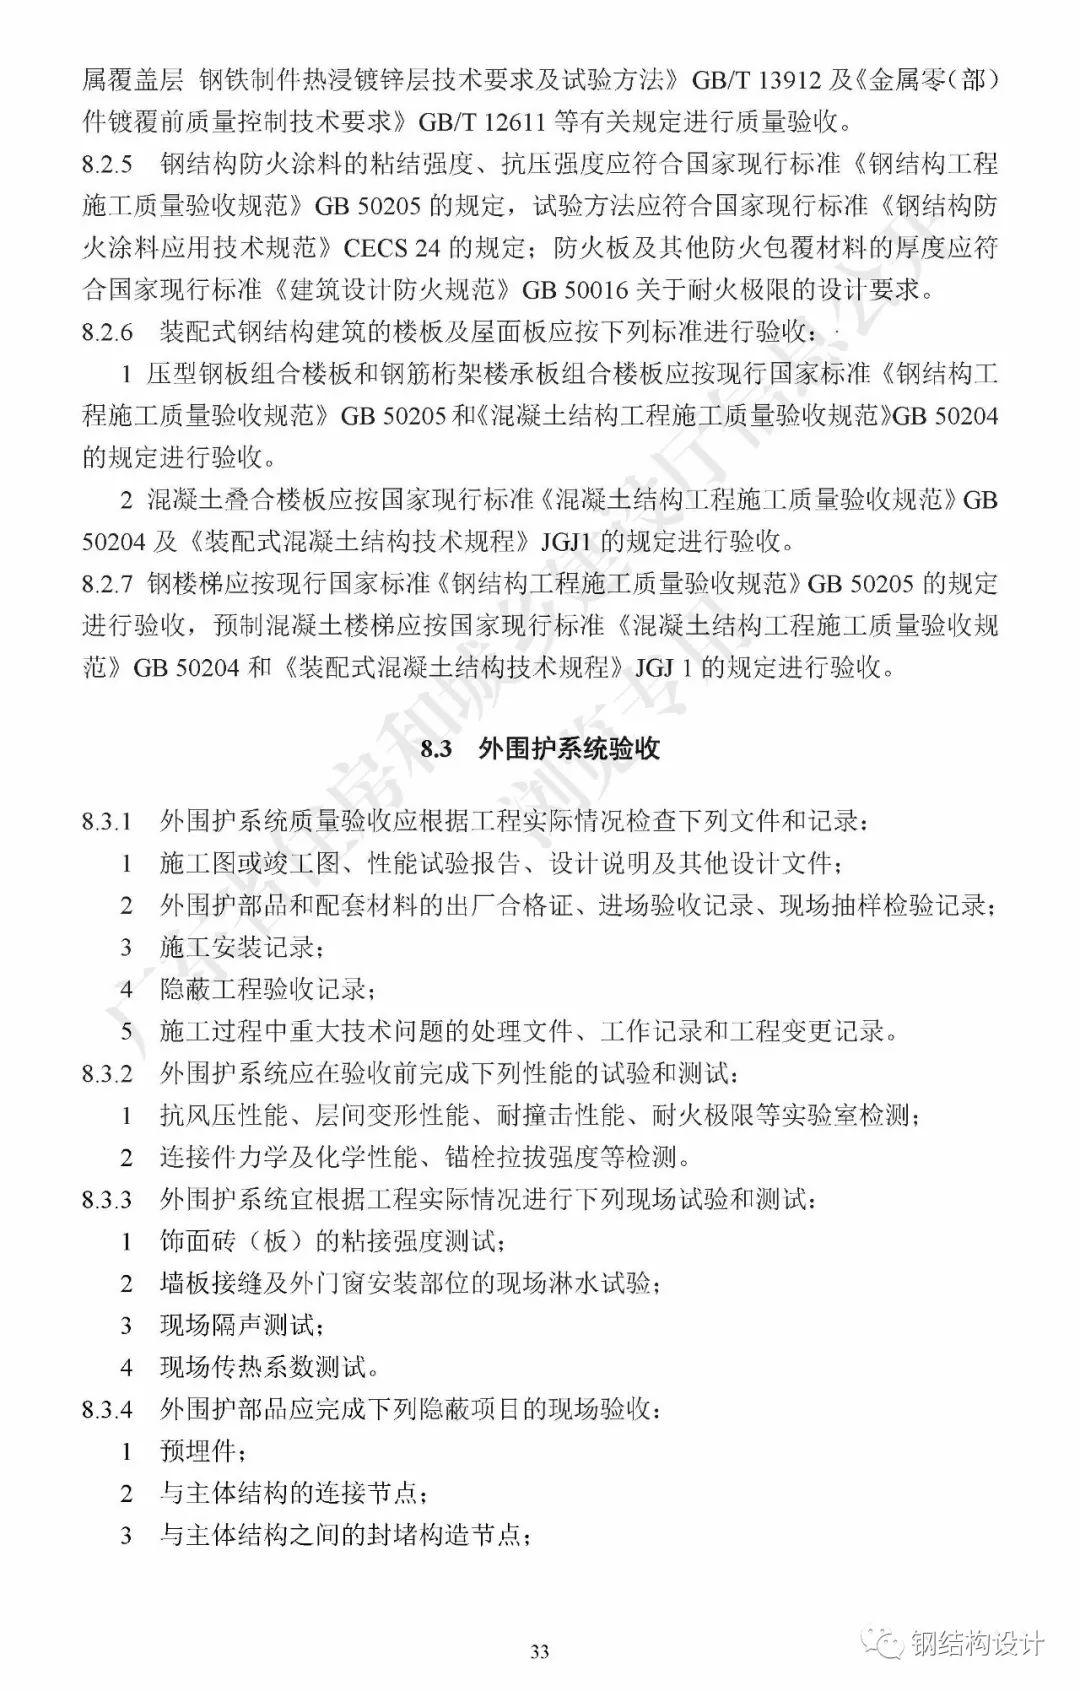 广东省《装配式钢结构建筑技术规程》发布_43